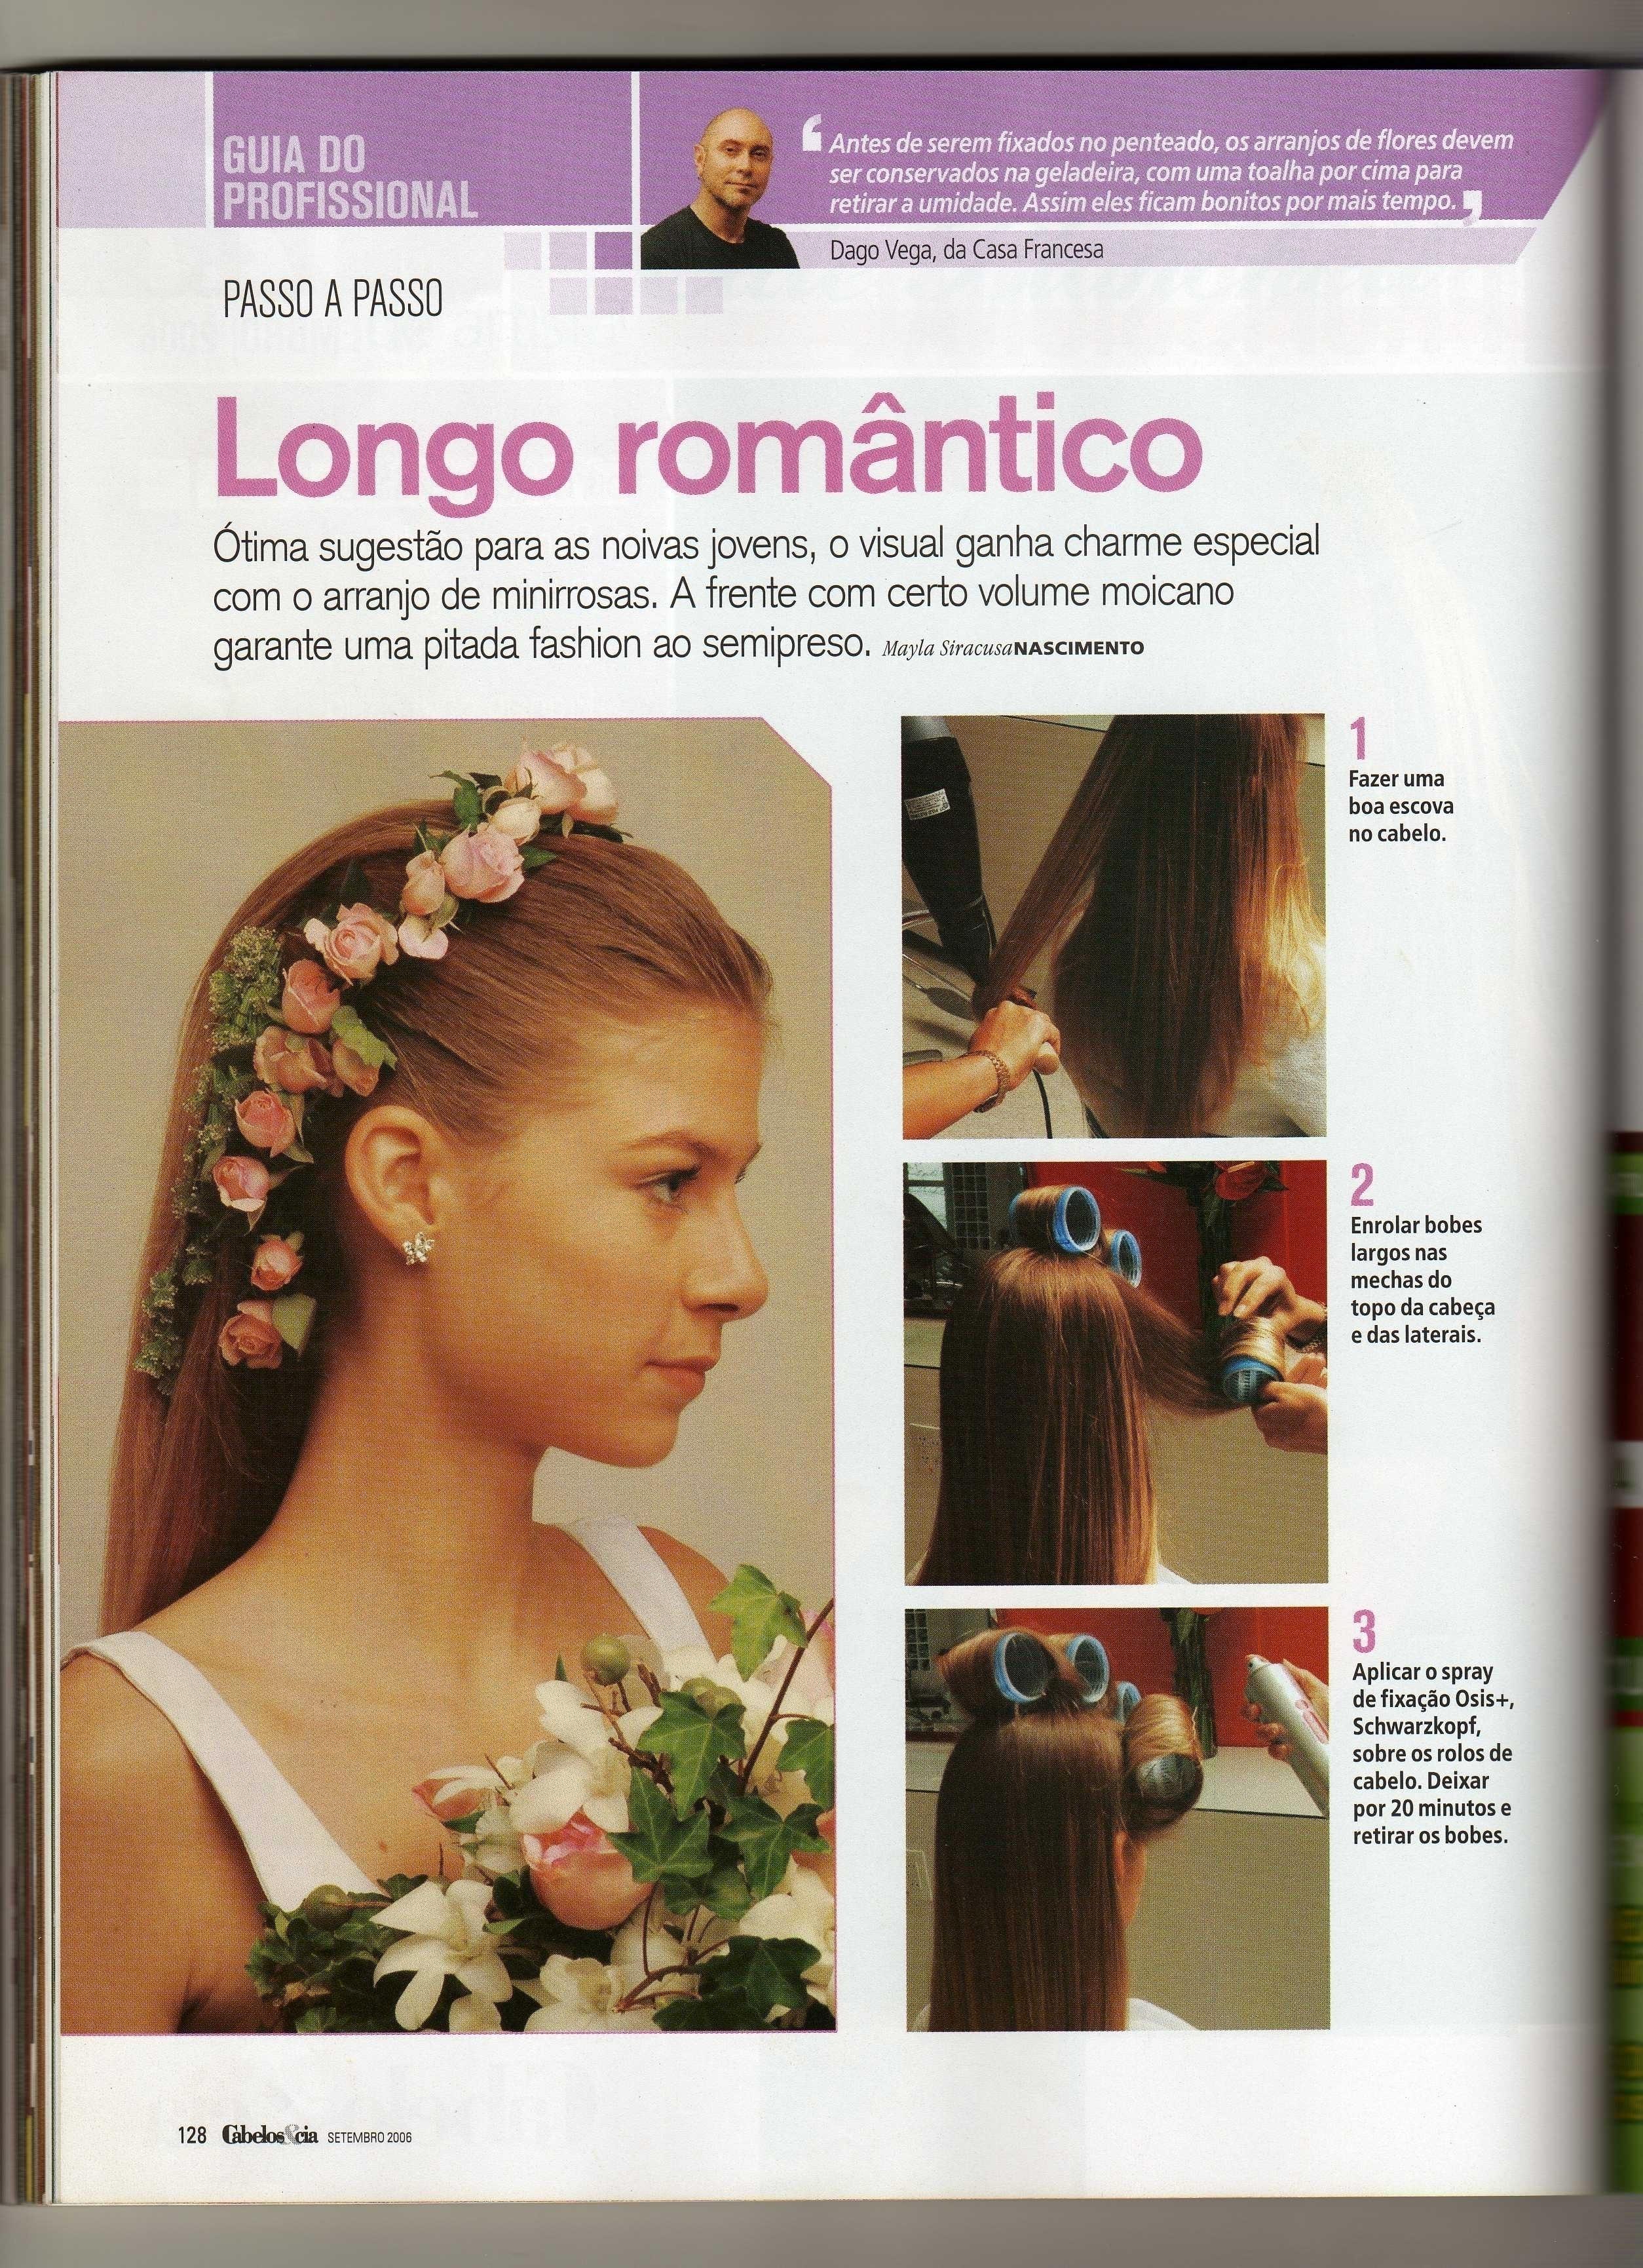 materia da Revista cabelo & Cia feito por mim cabeleireiro(a) docente / professor(a) maquiador(a) stylist /visagista